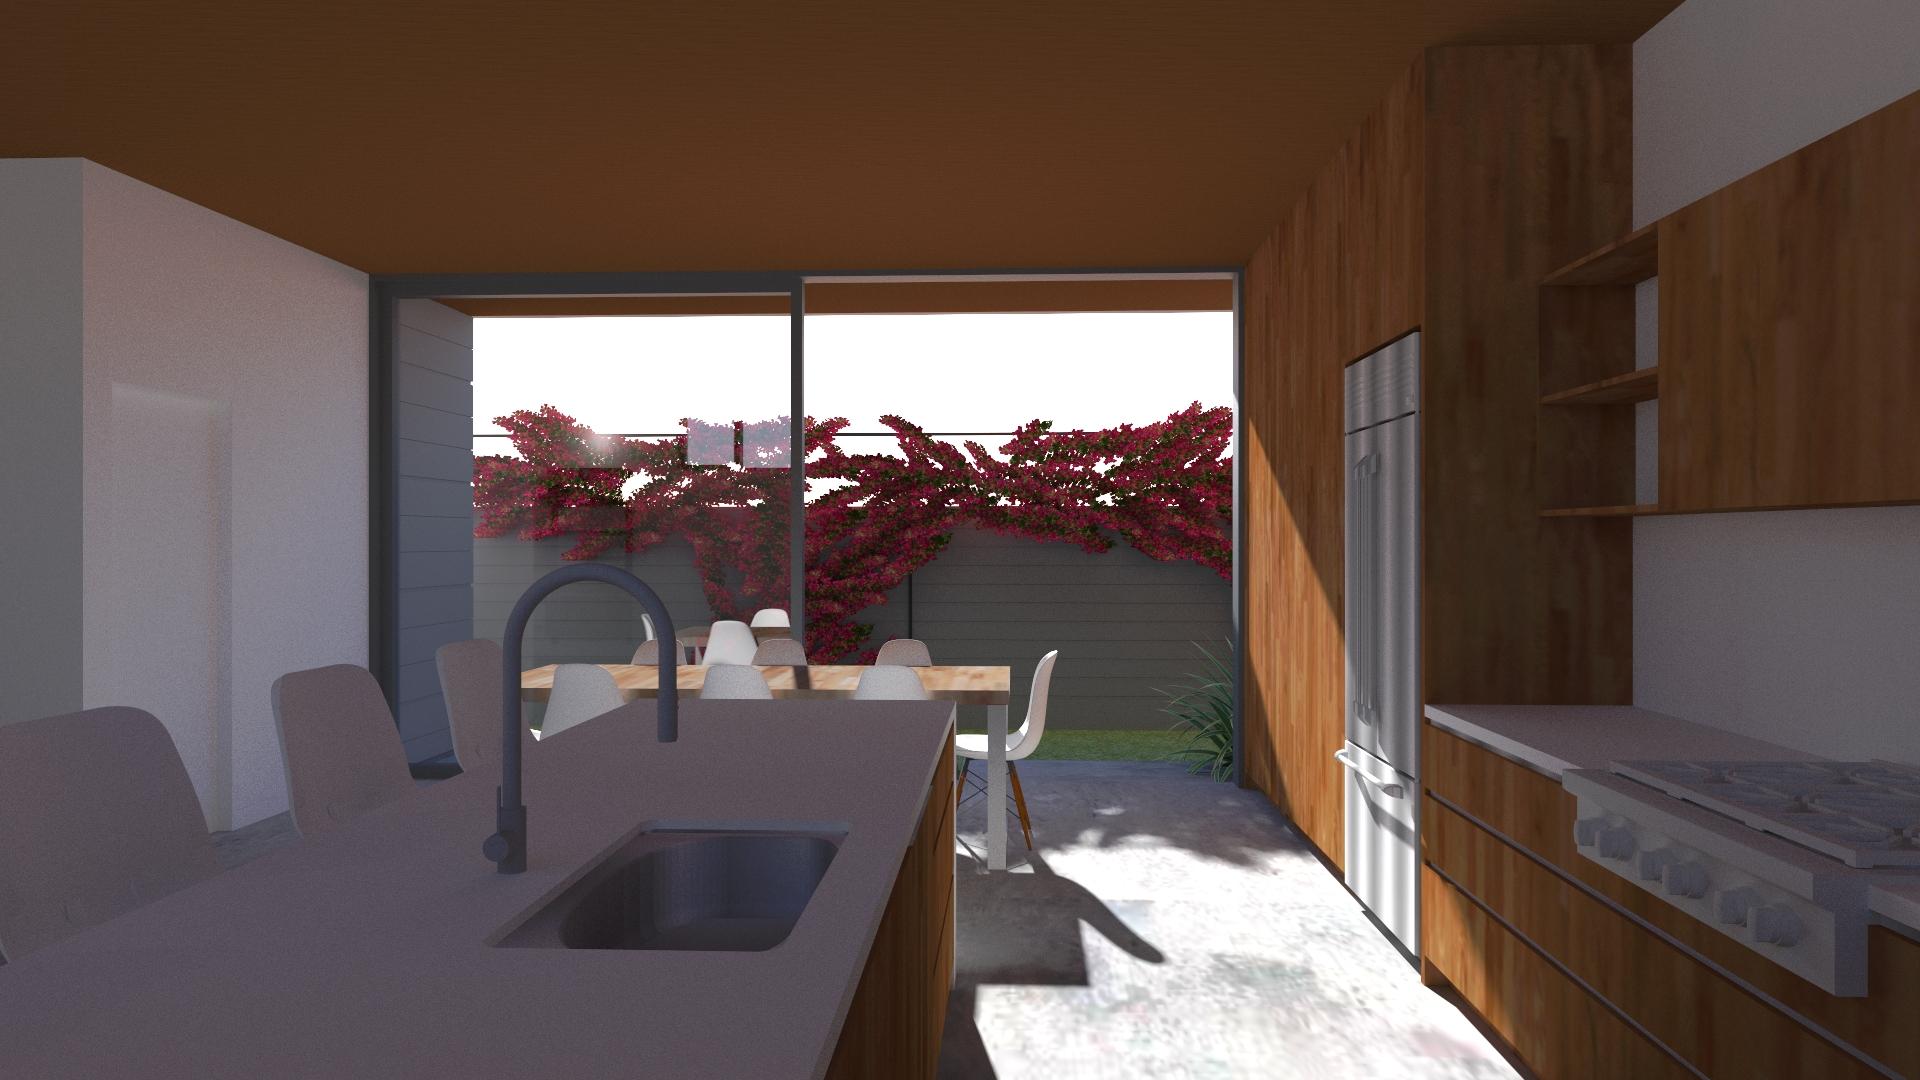 Sunset SLS_Interior Dining Room_Rendering_Final.jpg